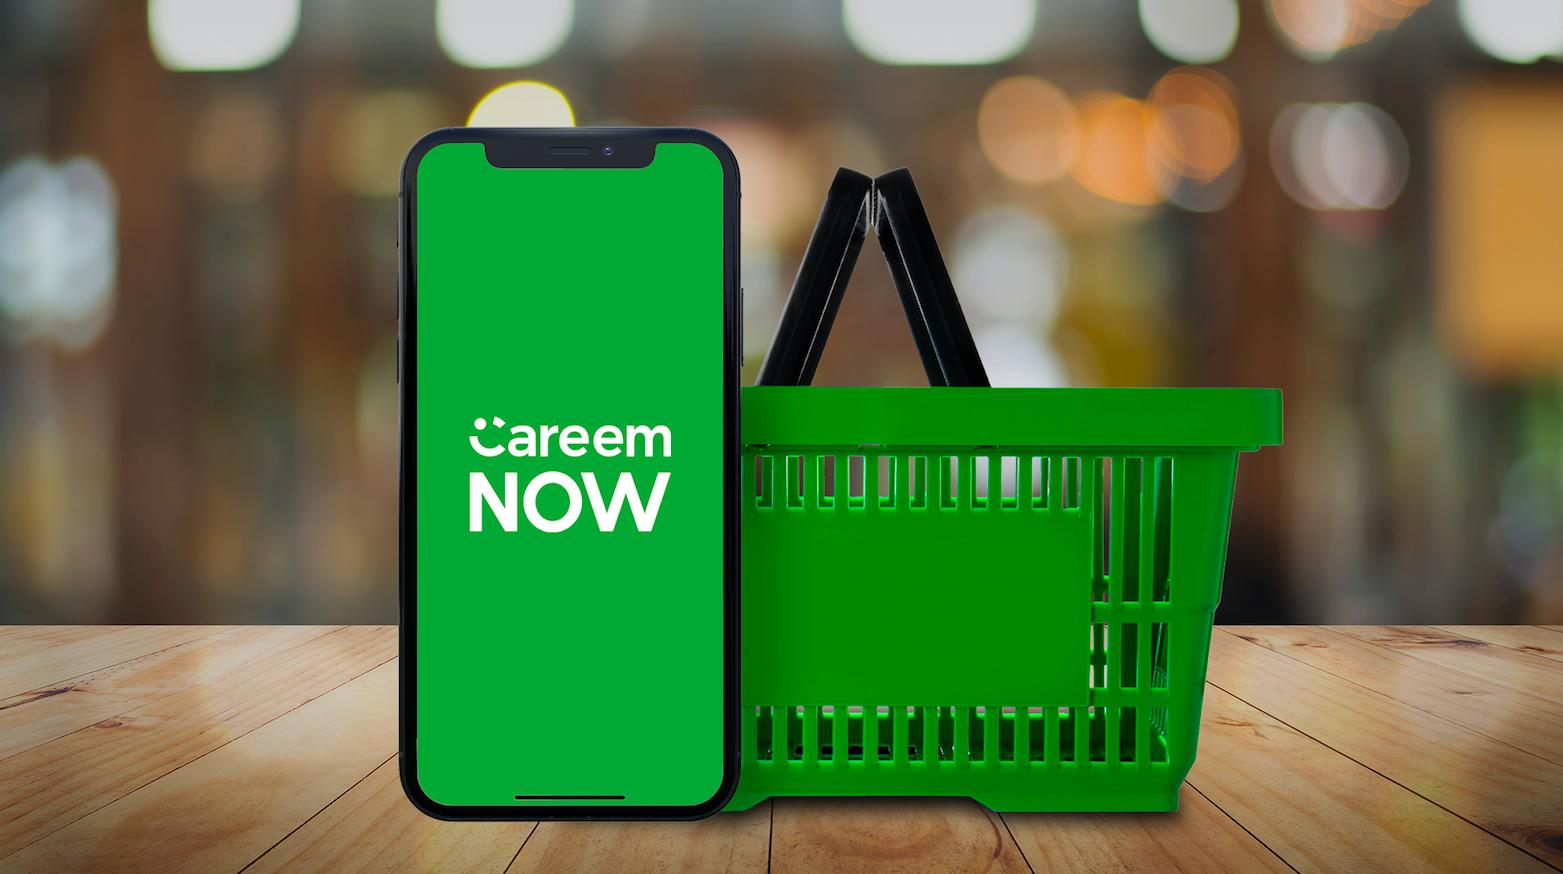 Careem introduces